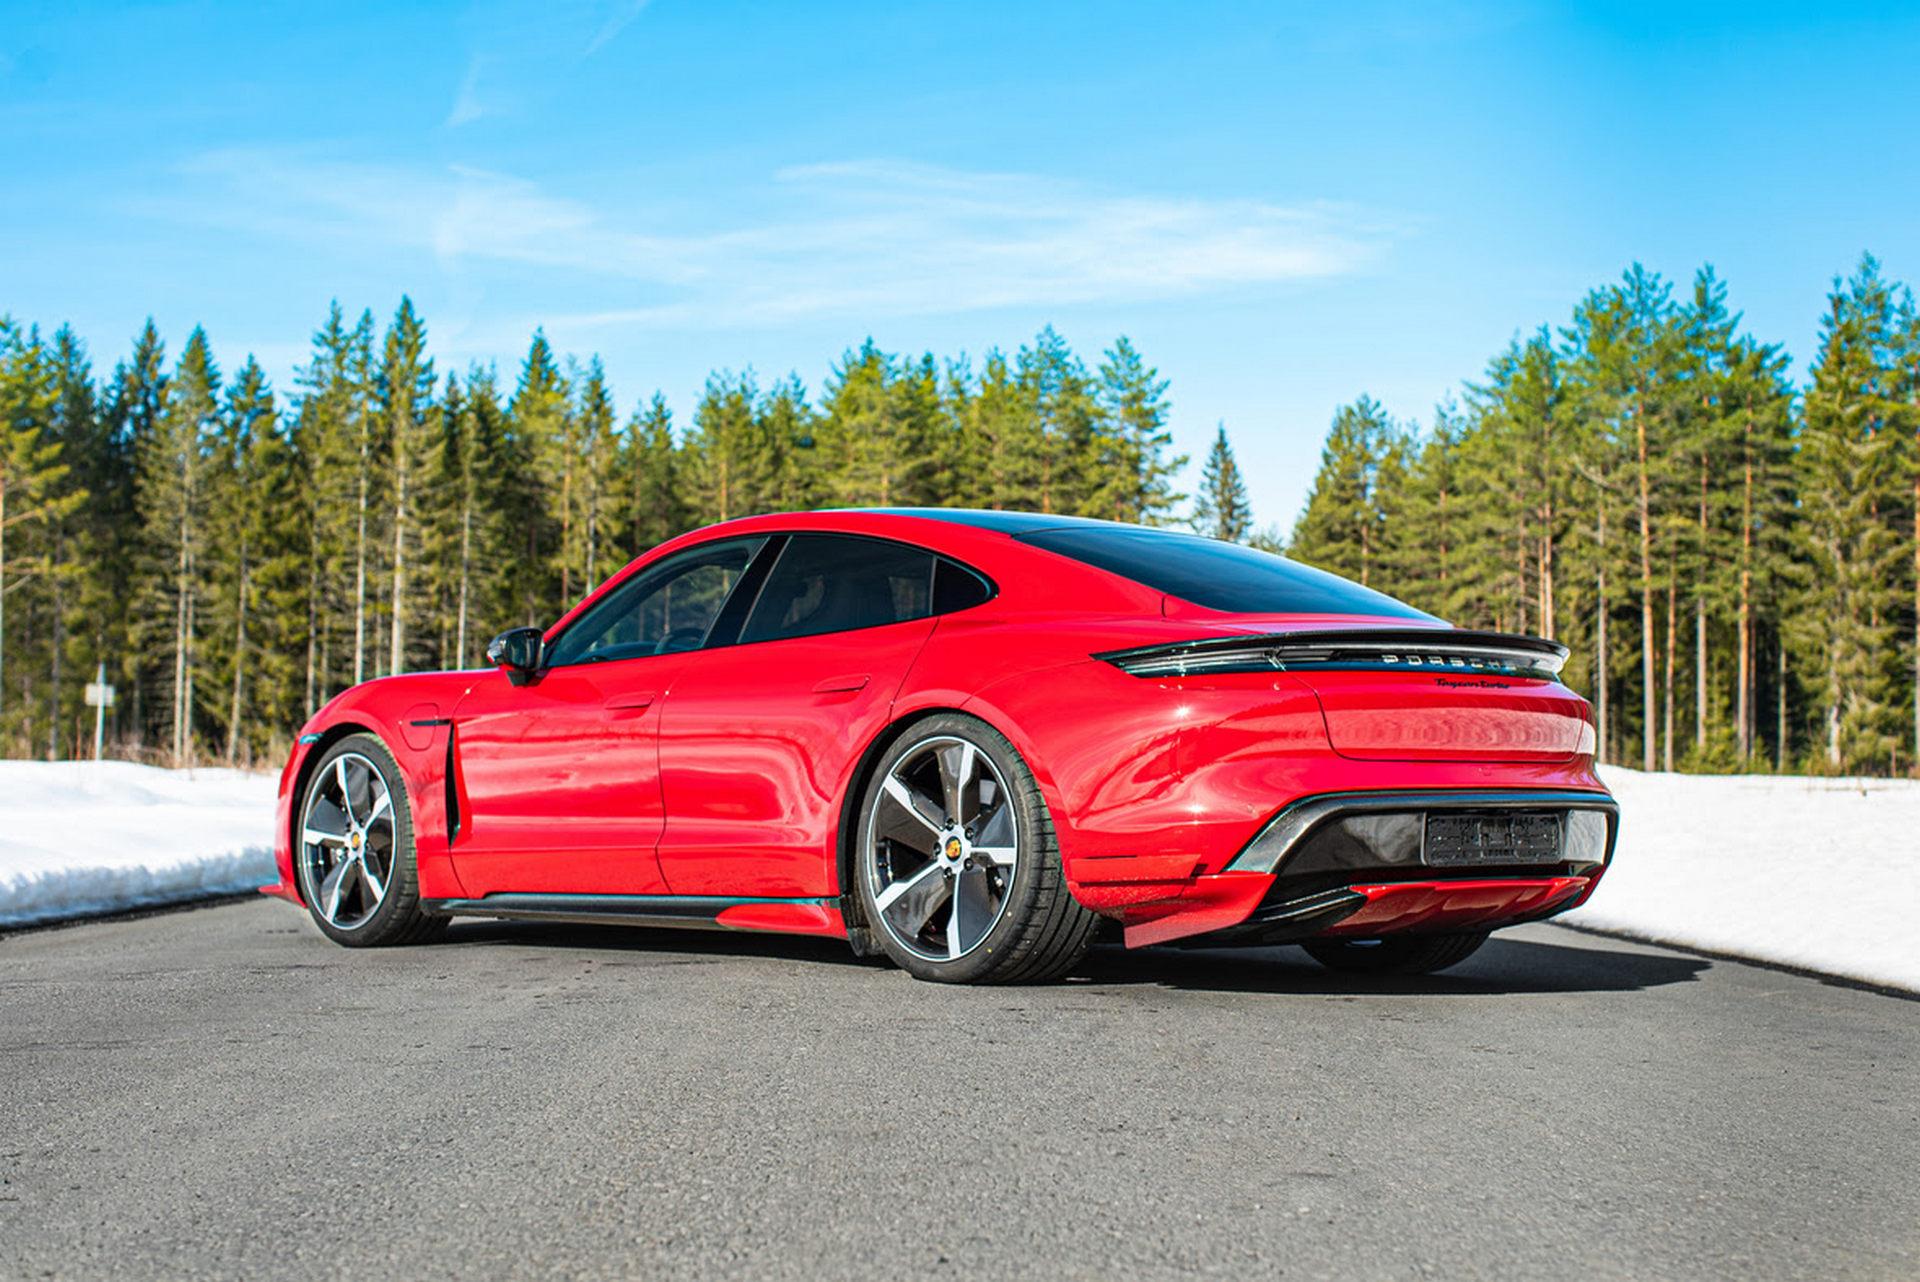 Porsche-Taycan-by-Zyrus-Engineering-2